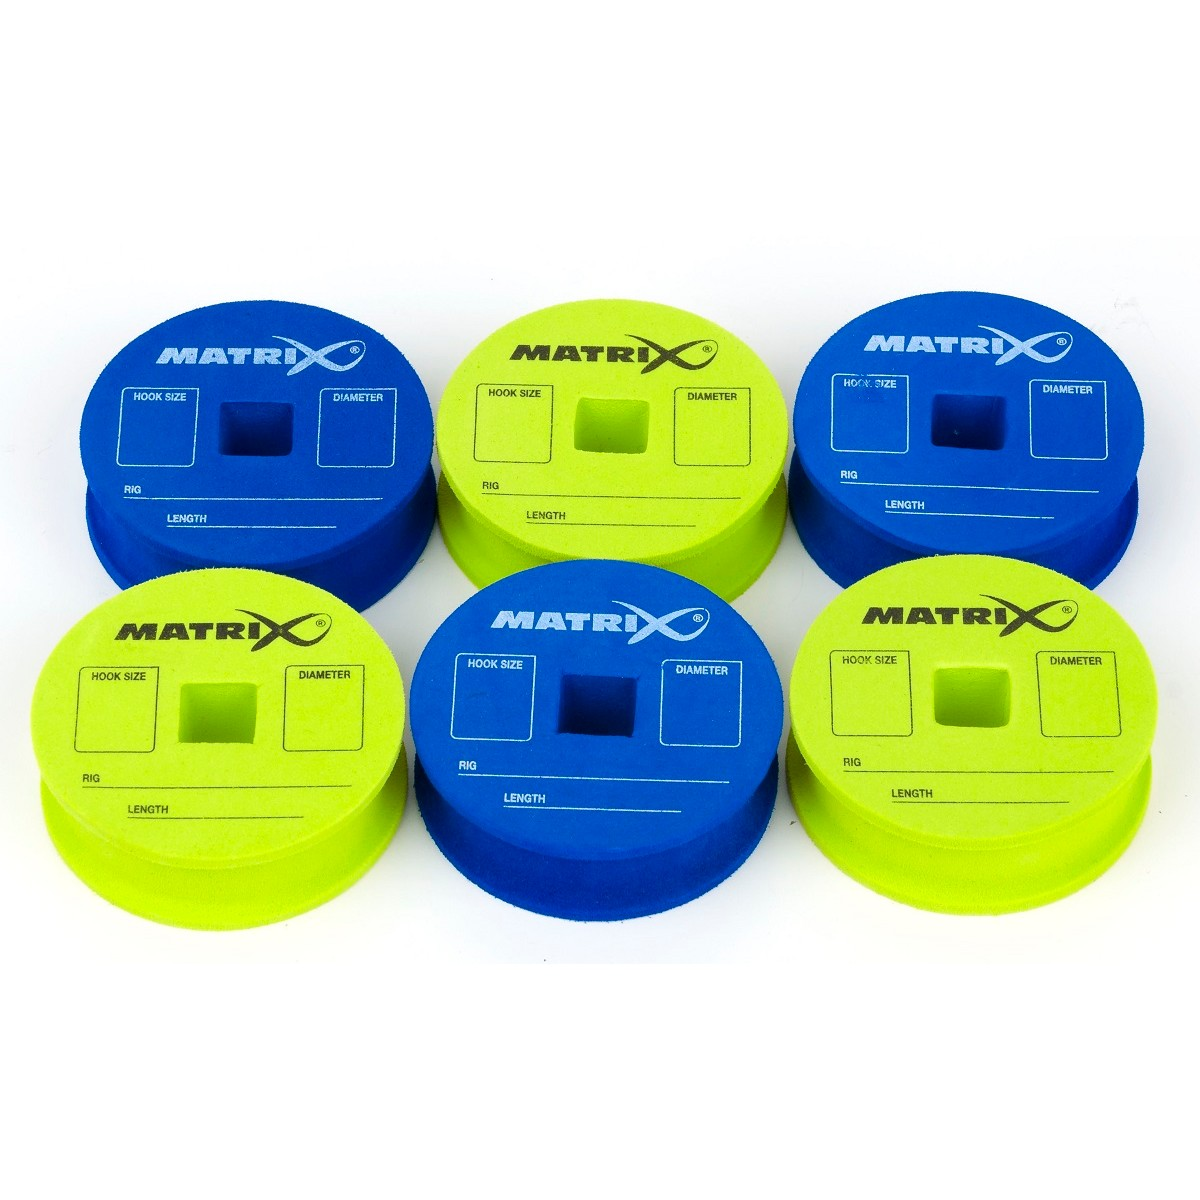 Matrix EVA Rig Discs & Pins x 6 - Зиг Риг дискове за съхранение